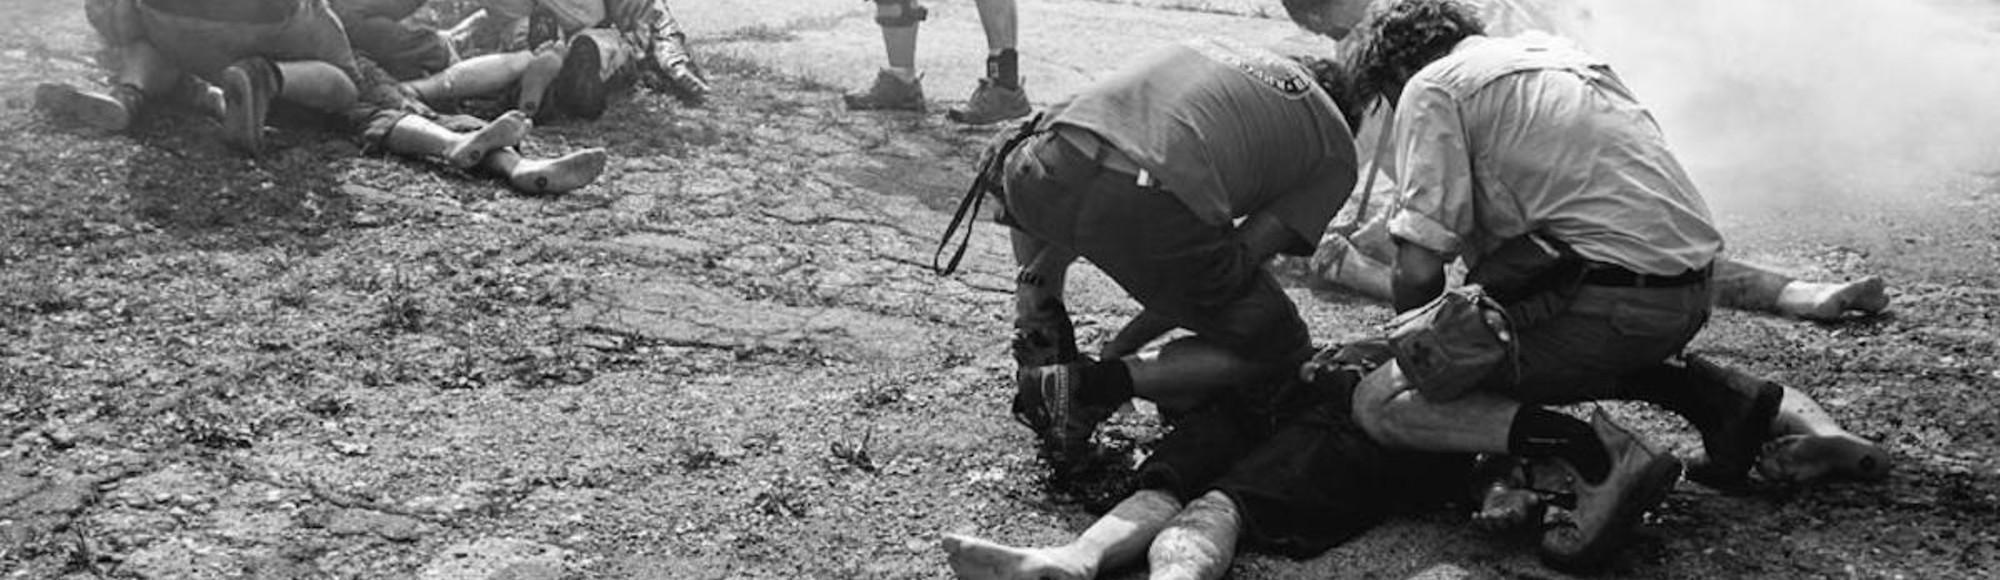 Dove i reporter di guerra imparano a sopravvivere al fronte